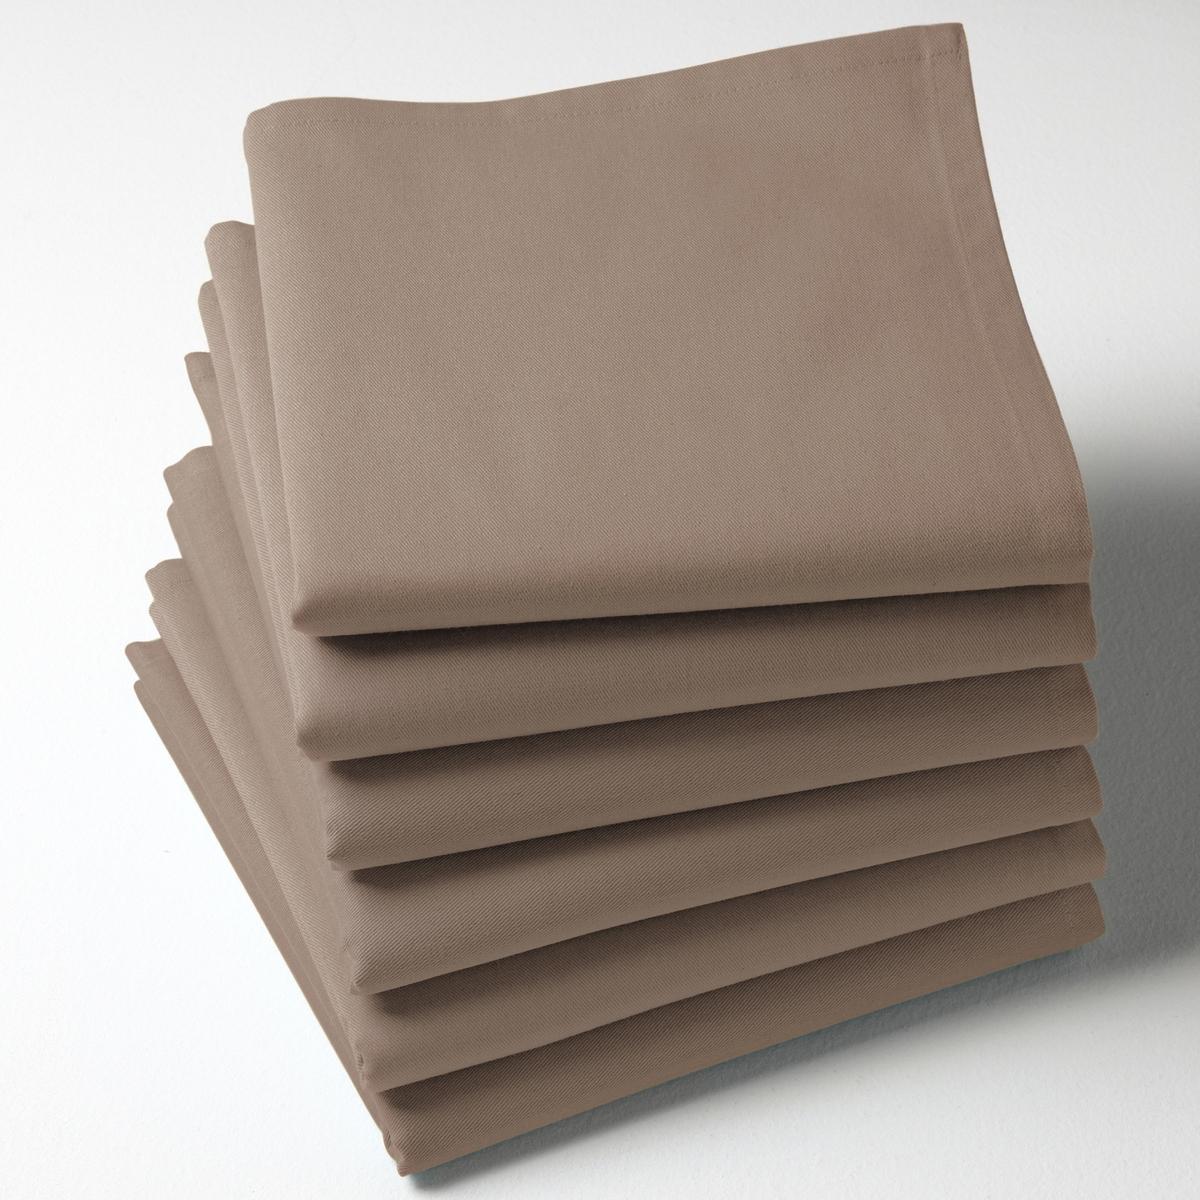 6 салфетокКачество Valeur S?re. Однотонные салфетки из саржи, 100% хлопка. 45 х 45 см. Мягкий и прочный материал. Легко гладить. Стирка при 40°.<br><br>Цвет: белый,желтый,красный,розовая пудра,розовый малиновый,светло-серый,серо-коричневый каштан,Серо-синий,серый,сливовый,экрю<br>Размер: 45 x 45  см